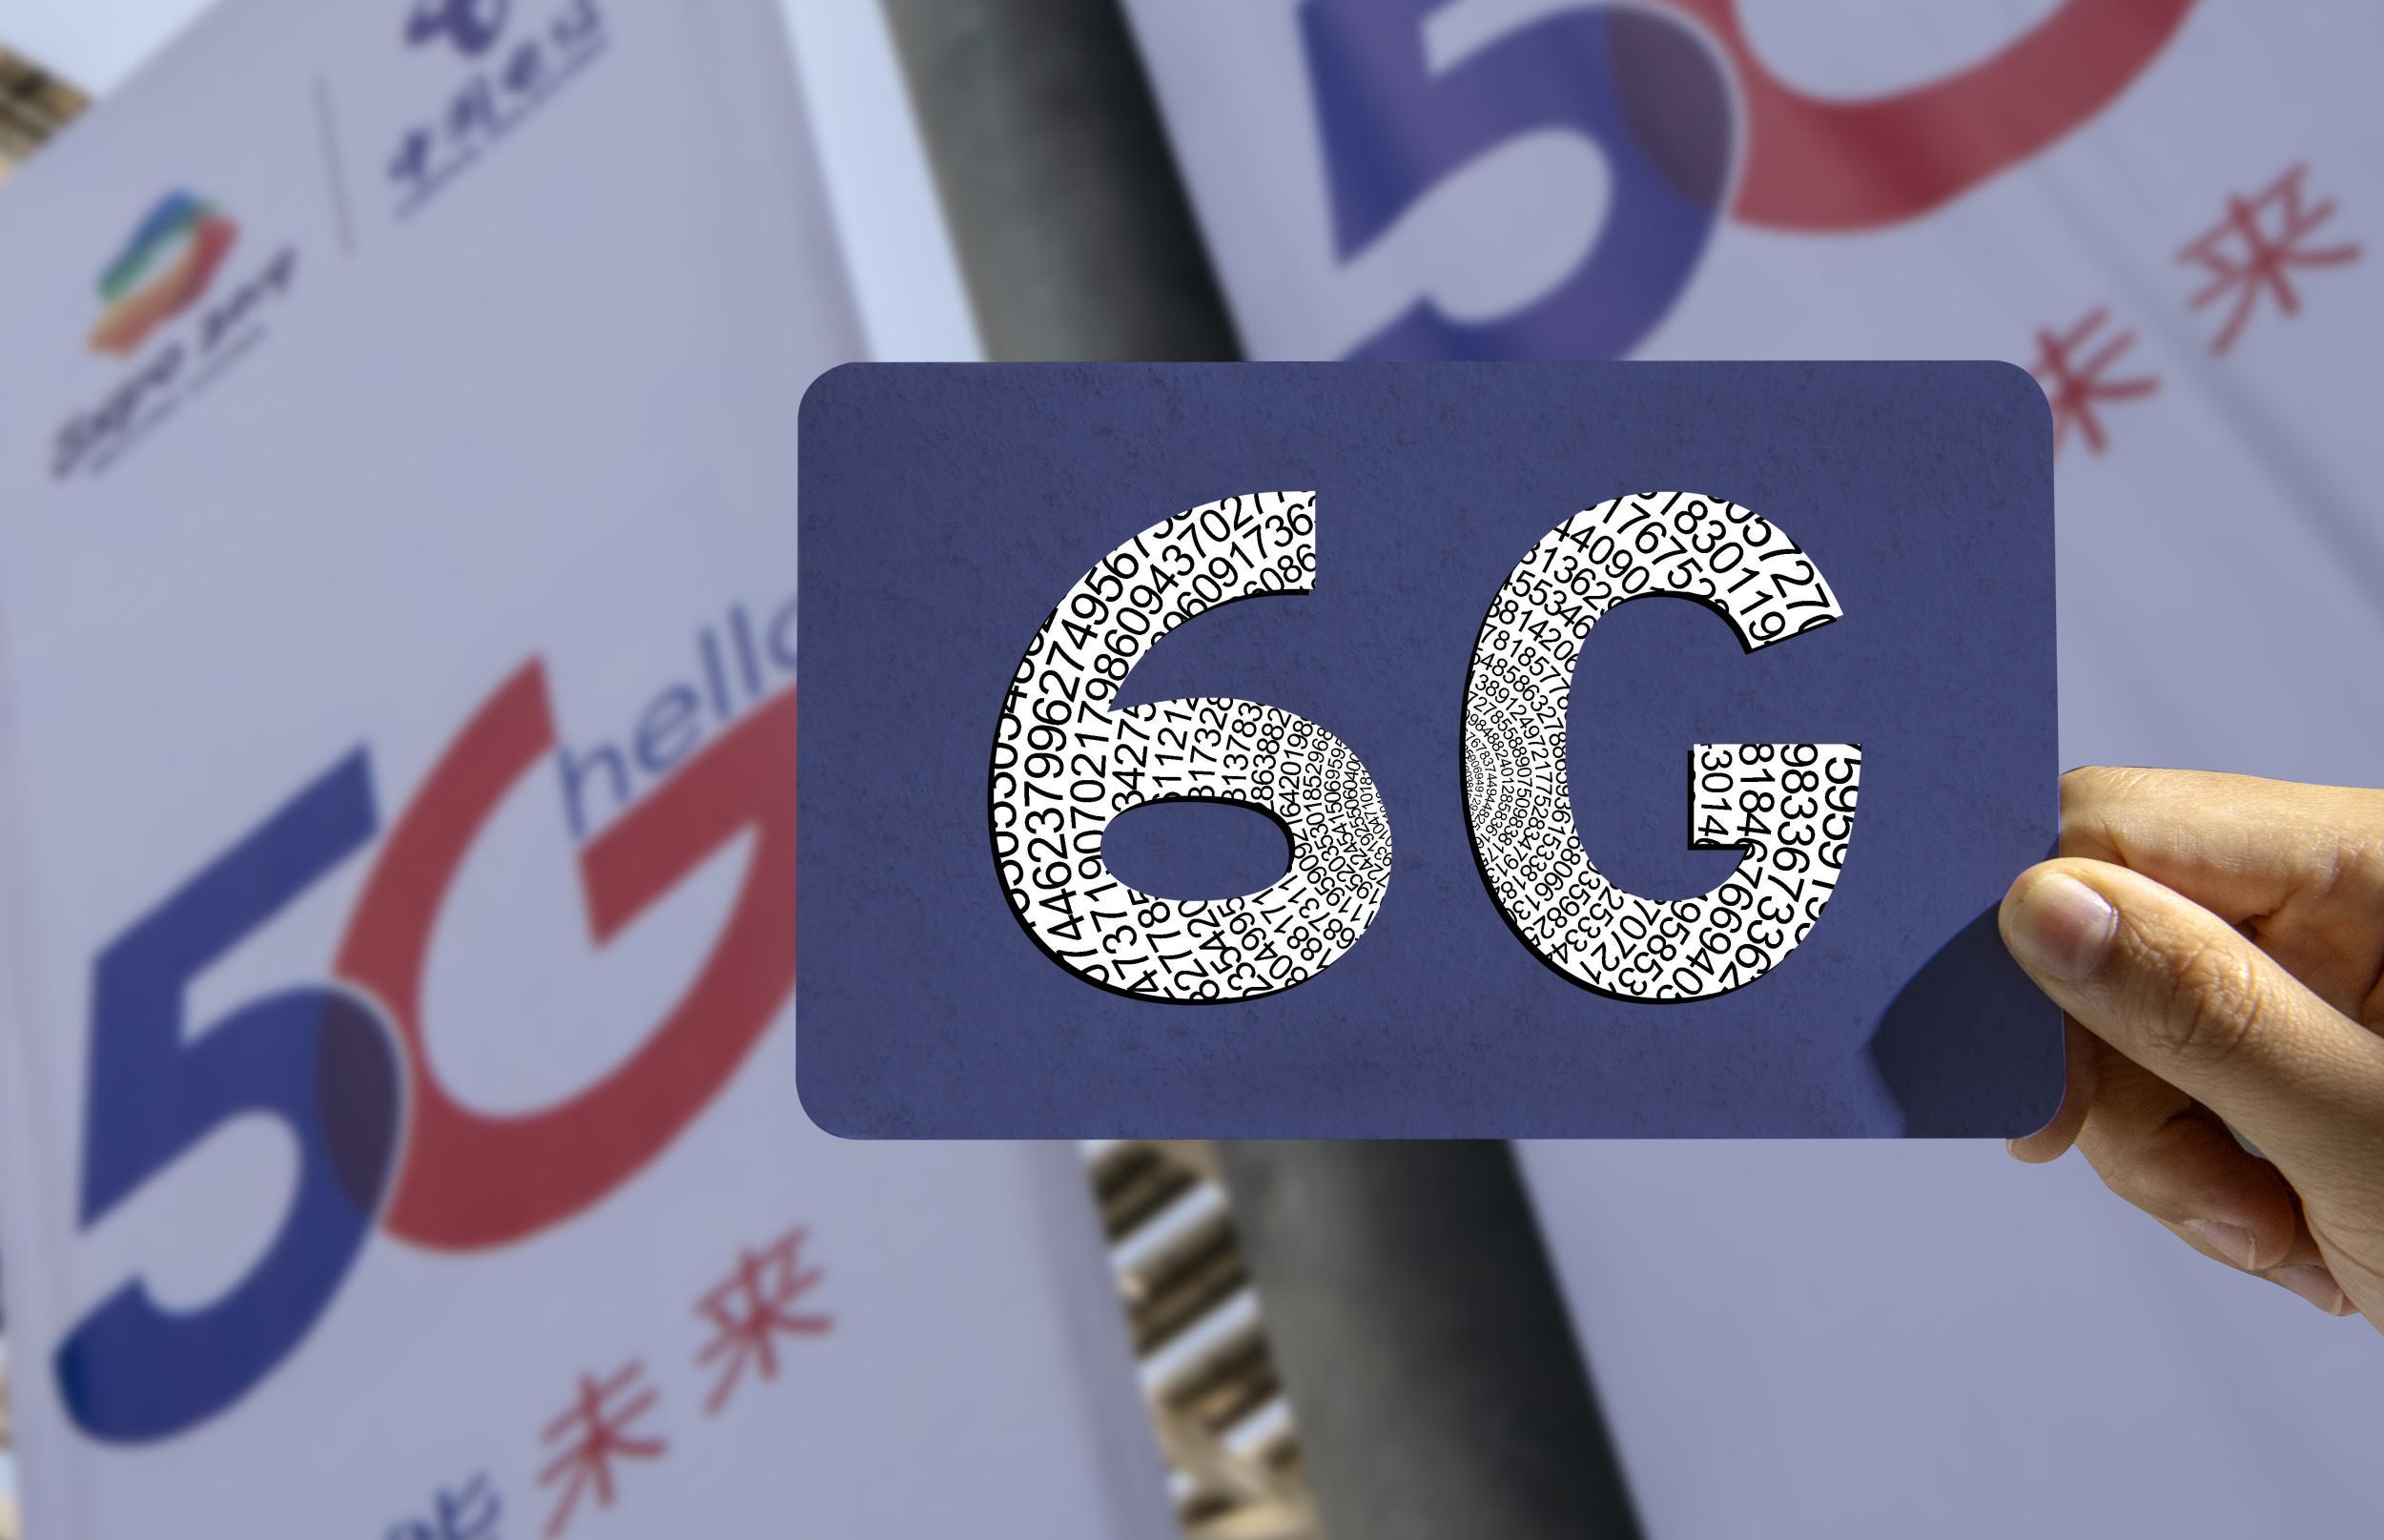 全球首份6G白皮书出炉 性能超越5G百倍